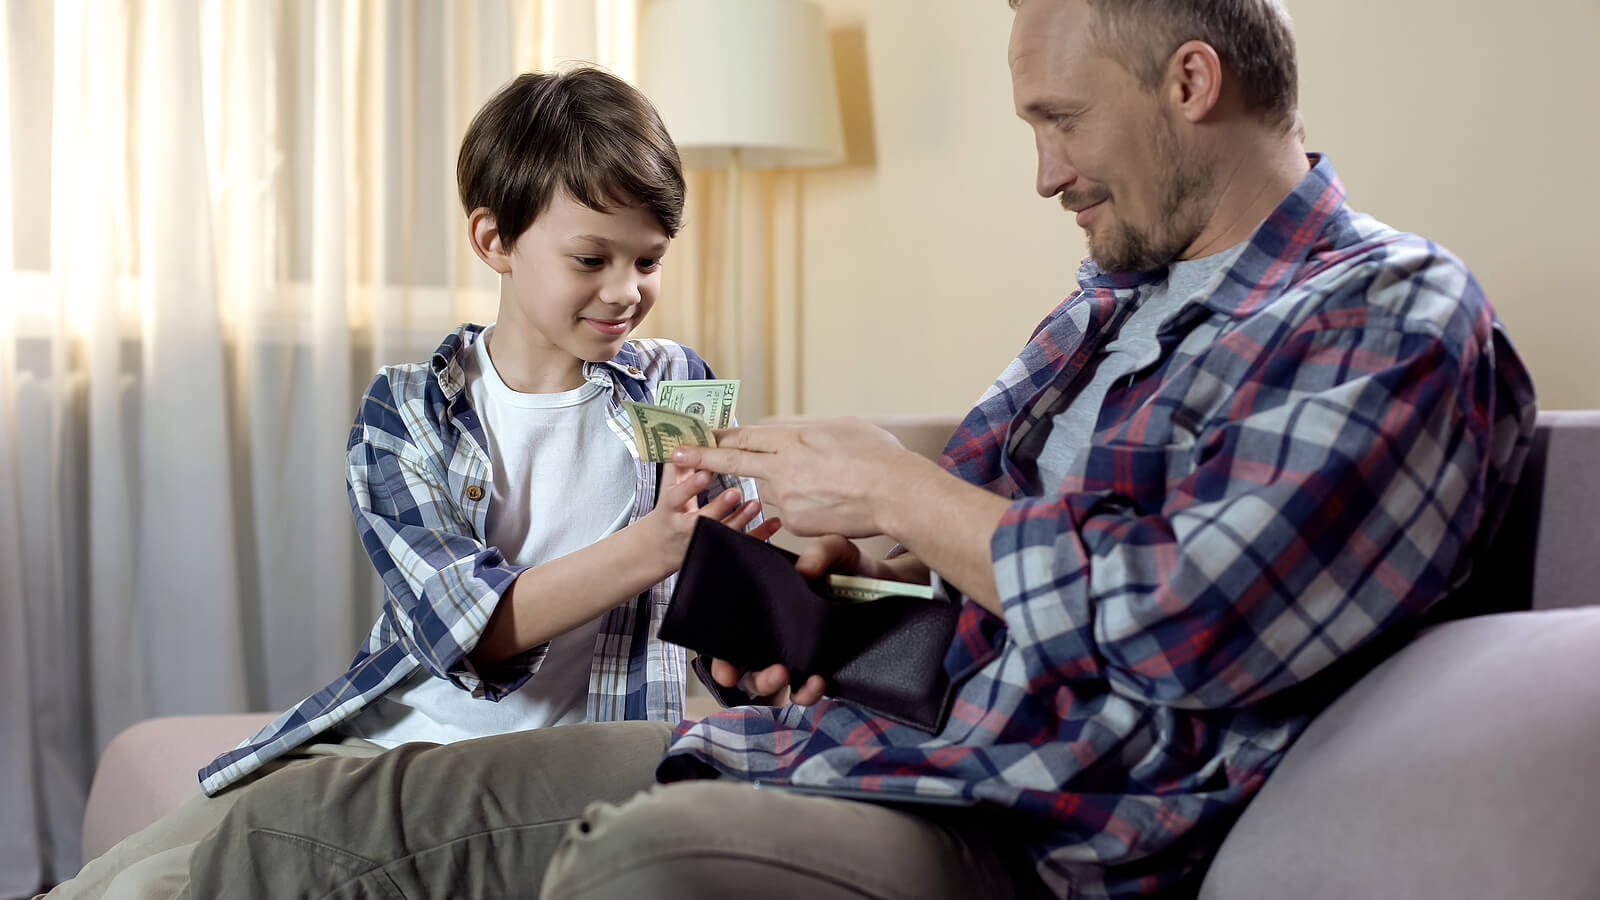 Padre dándole la paga a su hijo.